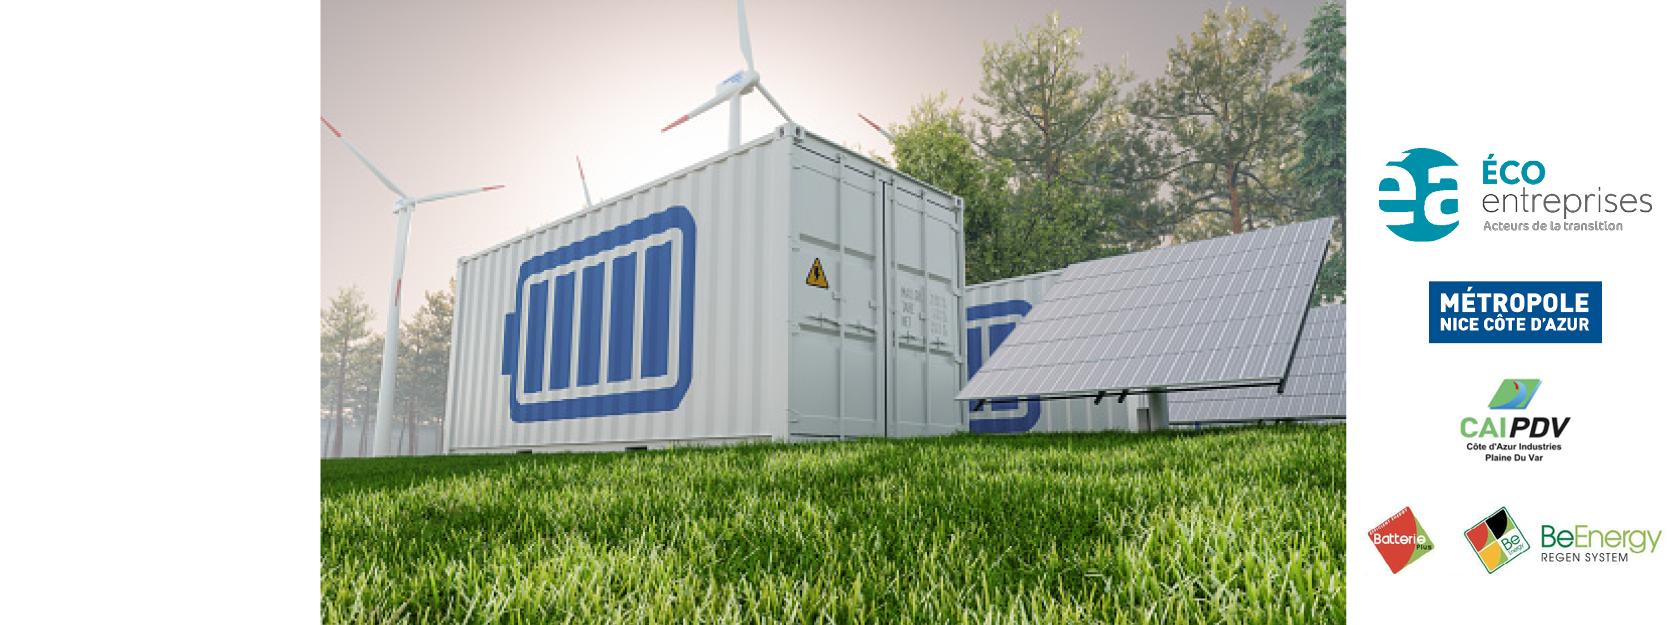 GT Industries : Atelier Régénération de batterie